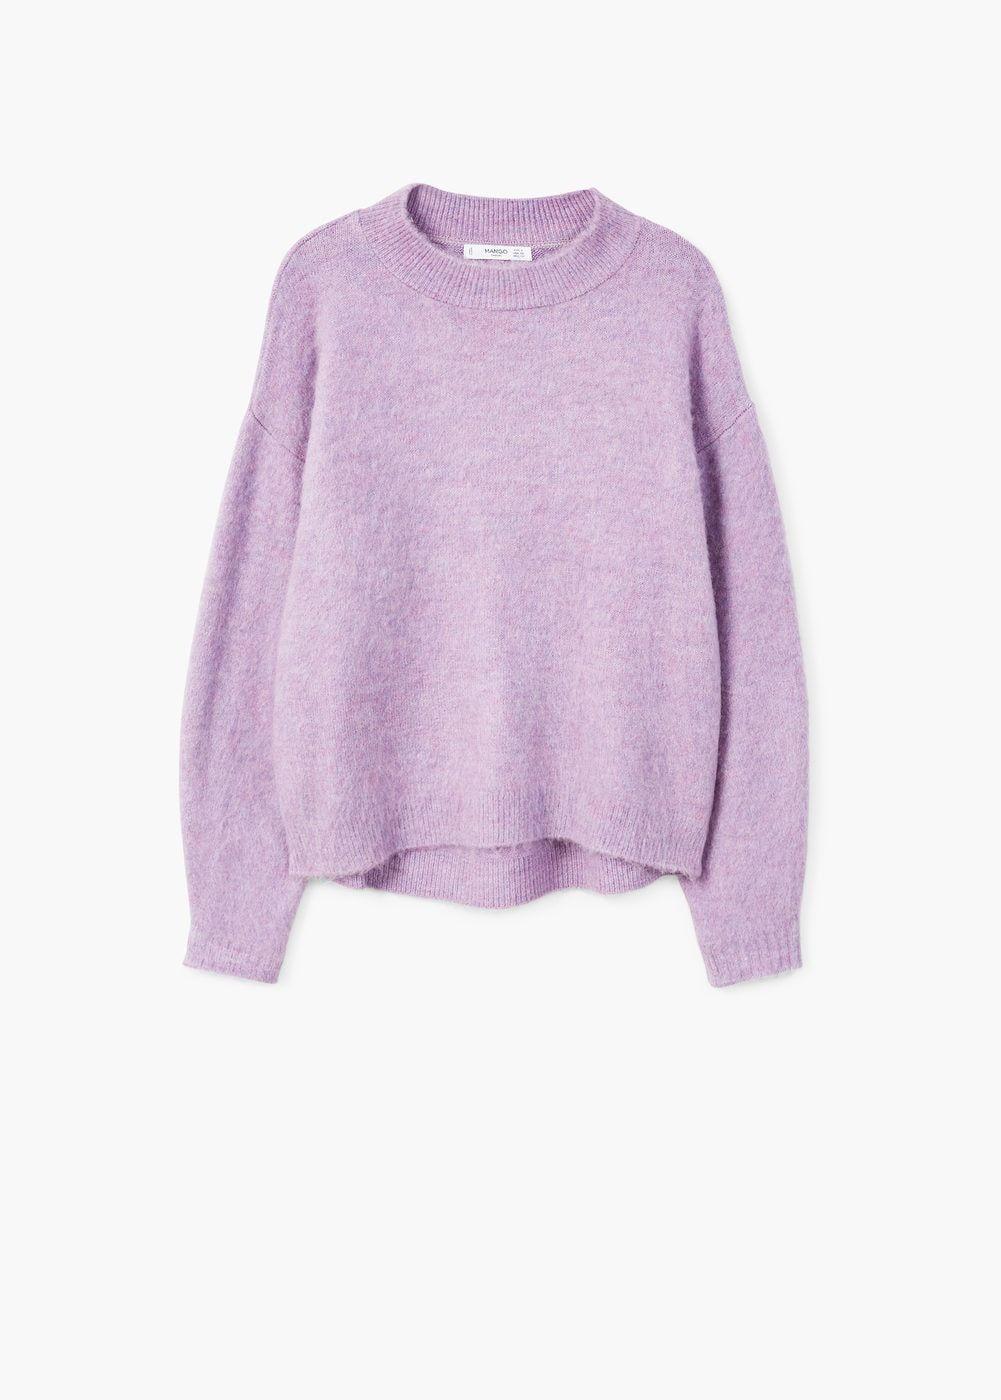 9f9a04257263 High collar sweater - Women